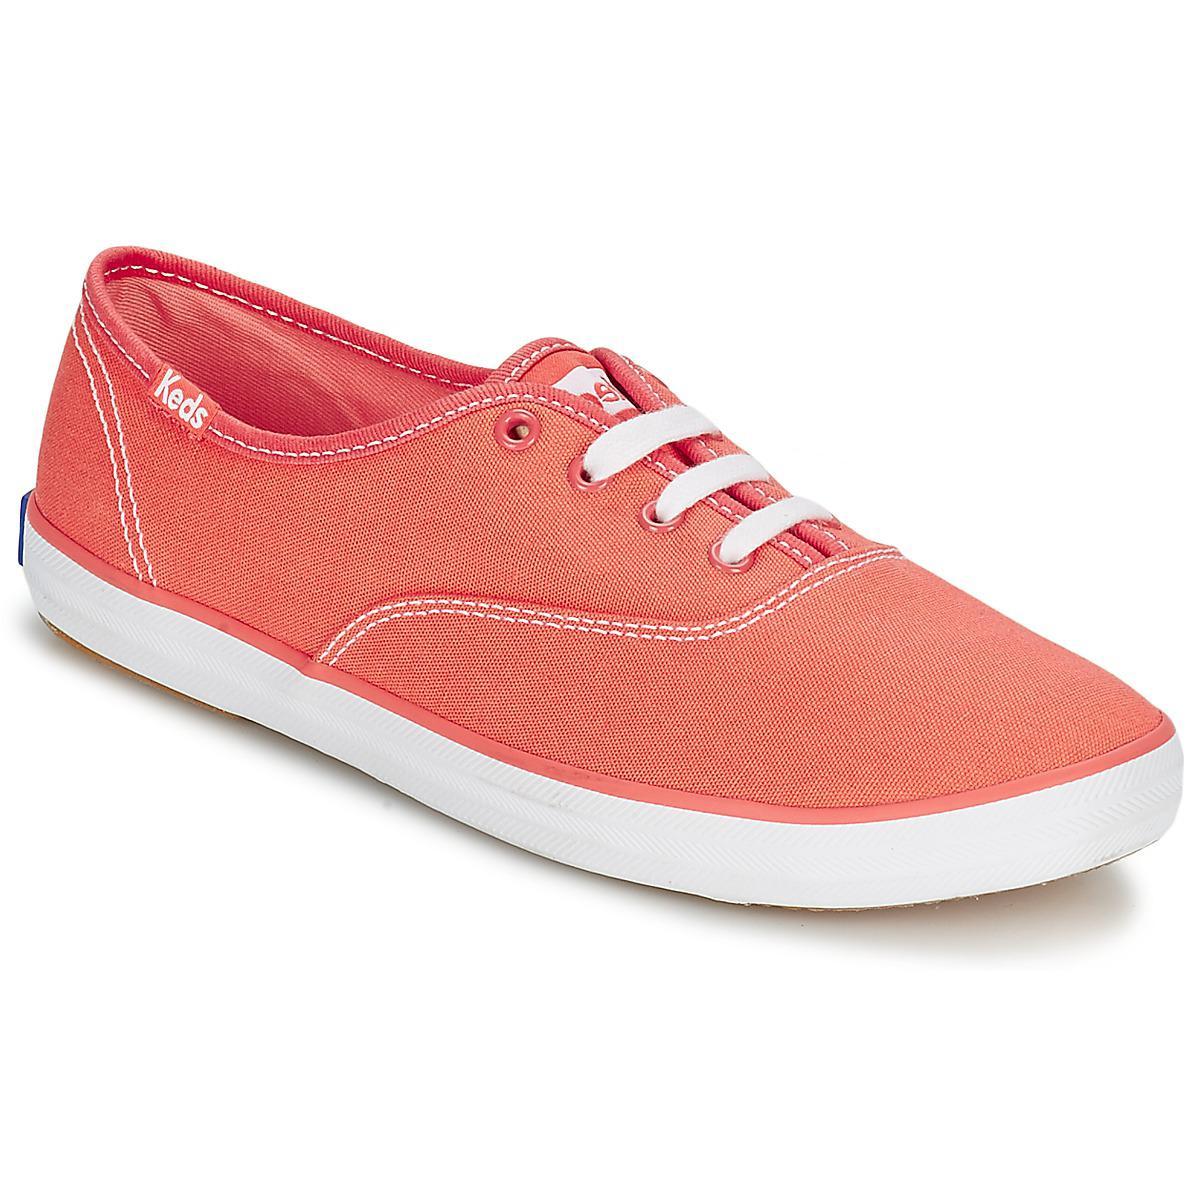 595dead79d419 Keds Champion Seasonal Women s Shoes (trainers) In Orange in Orange ...